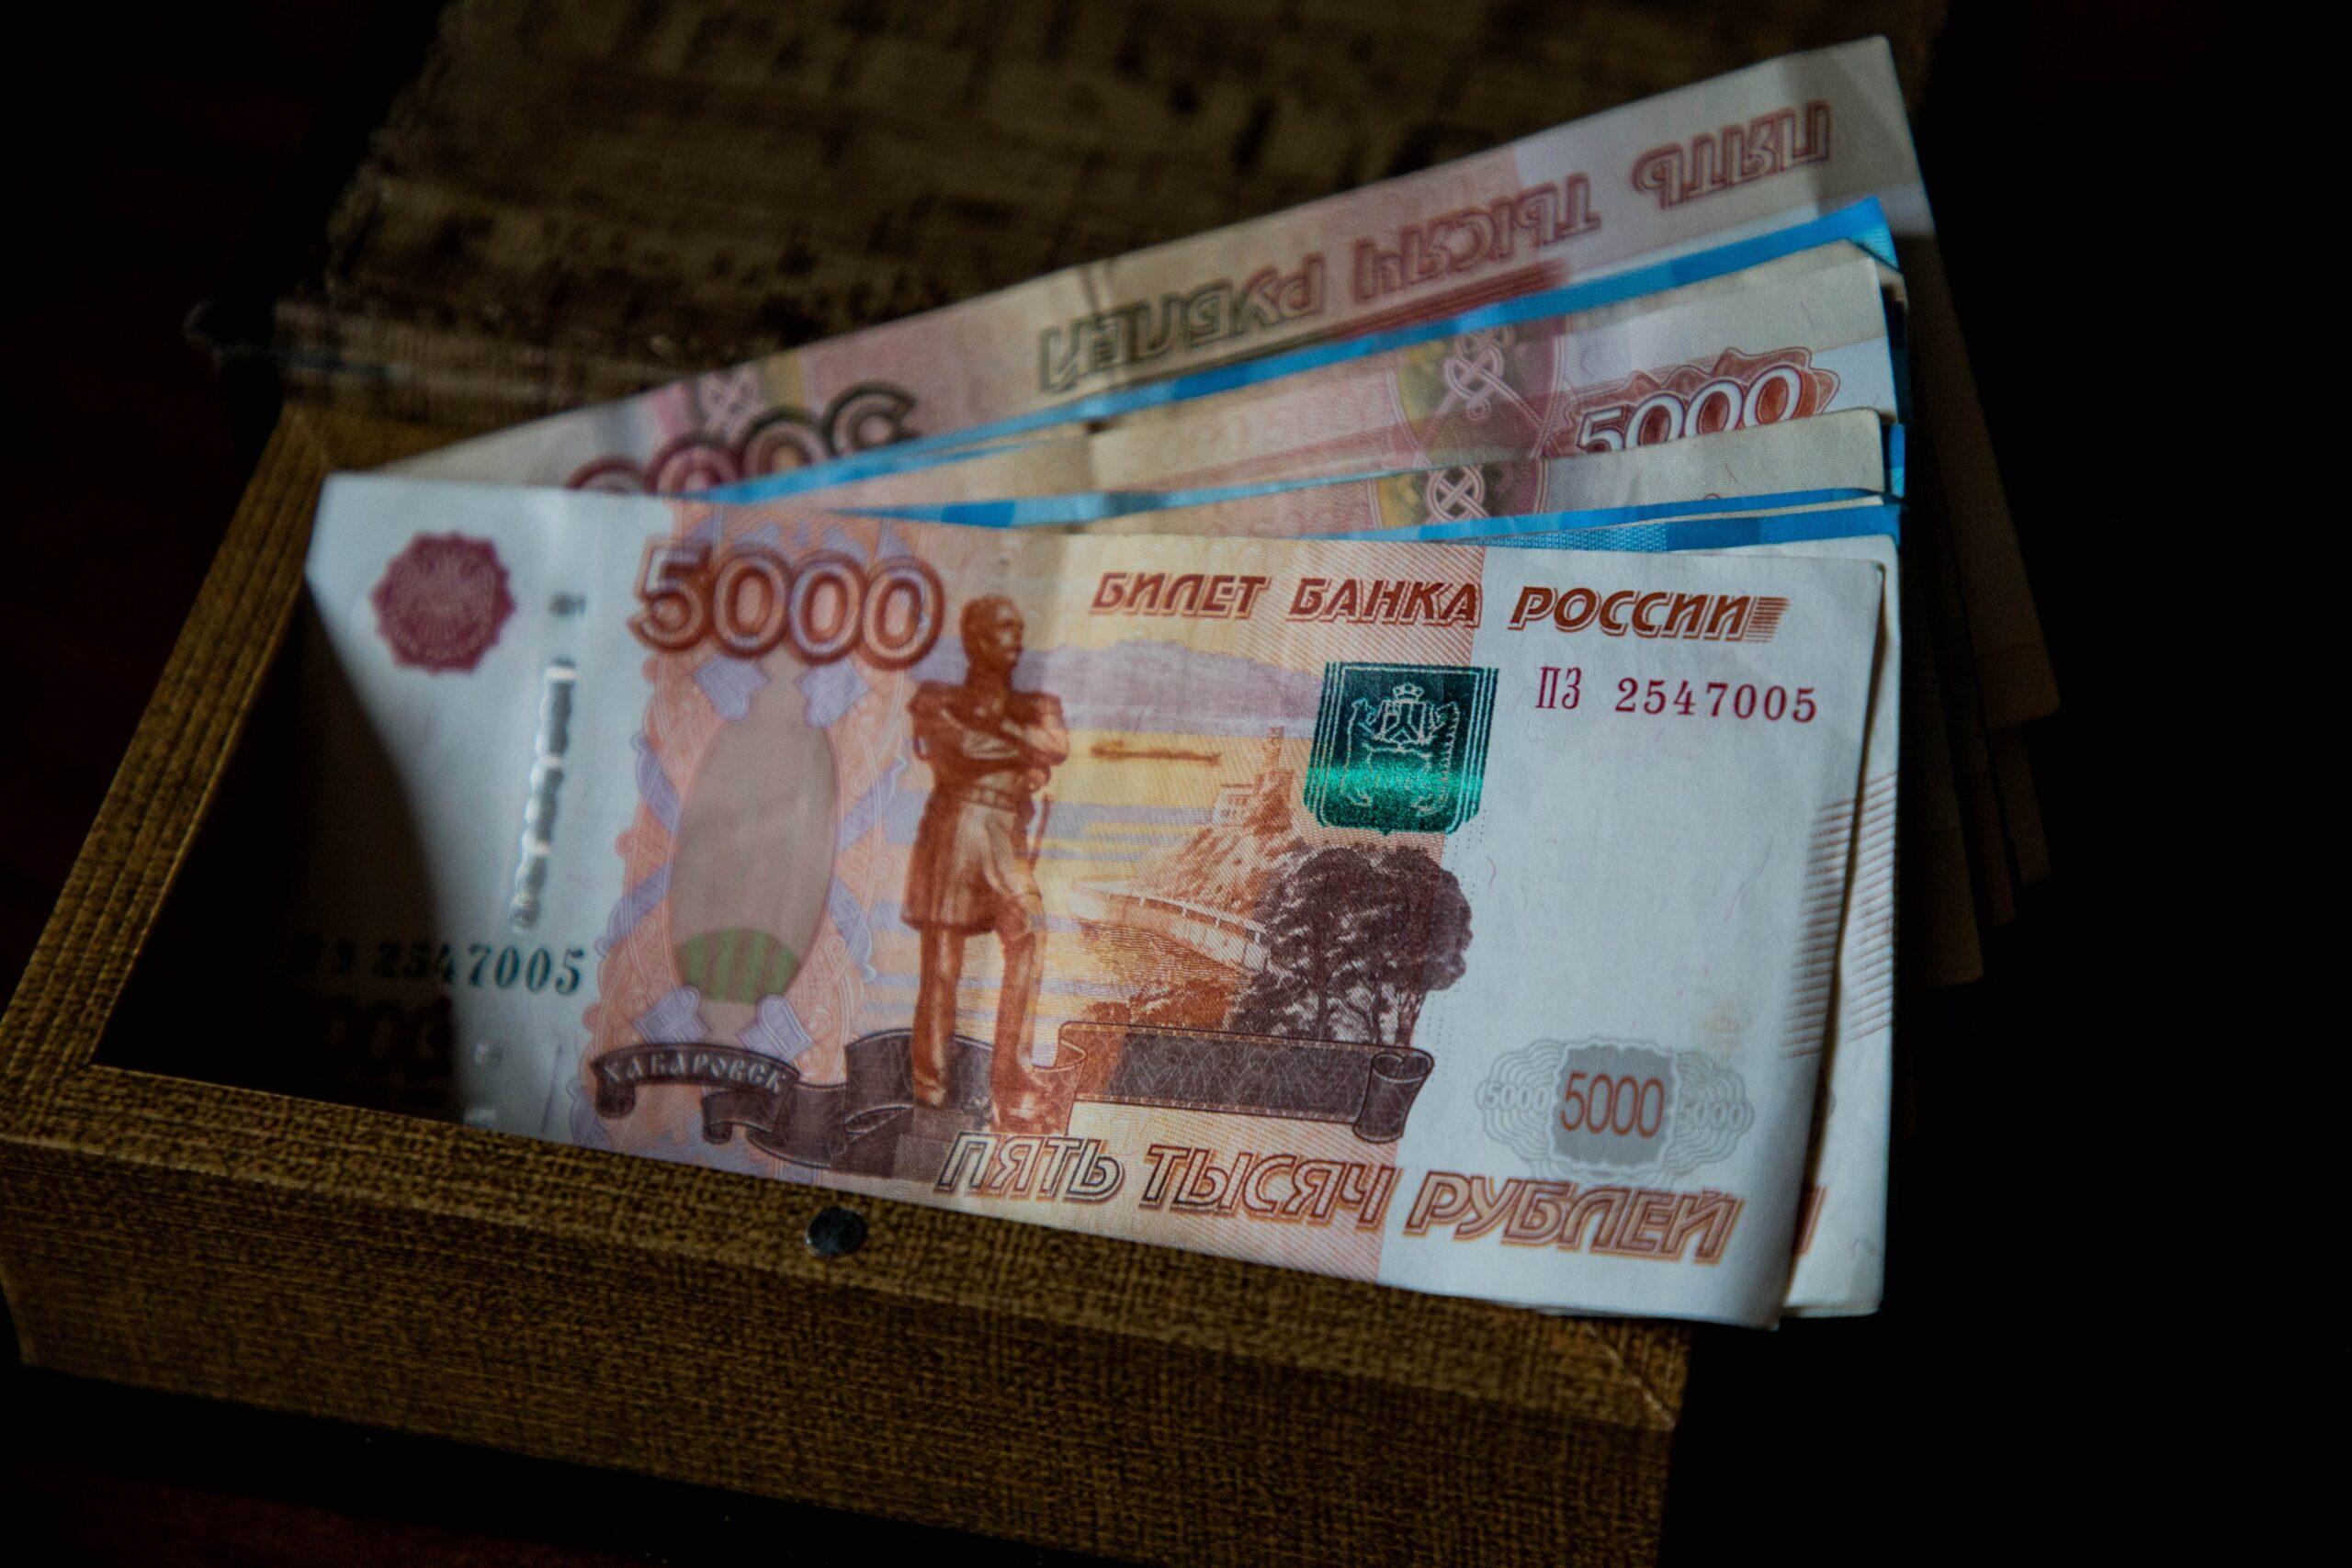 В Тверской области руководитель предприятия скрыл от налоговой больше 2 миллионов рублей